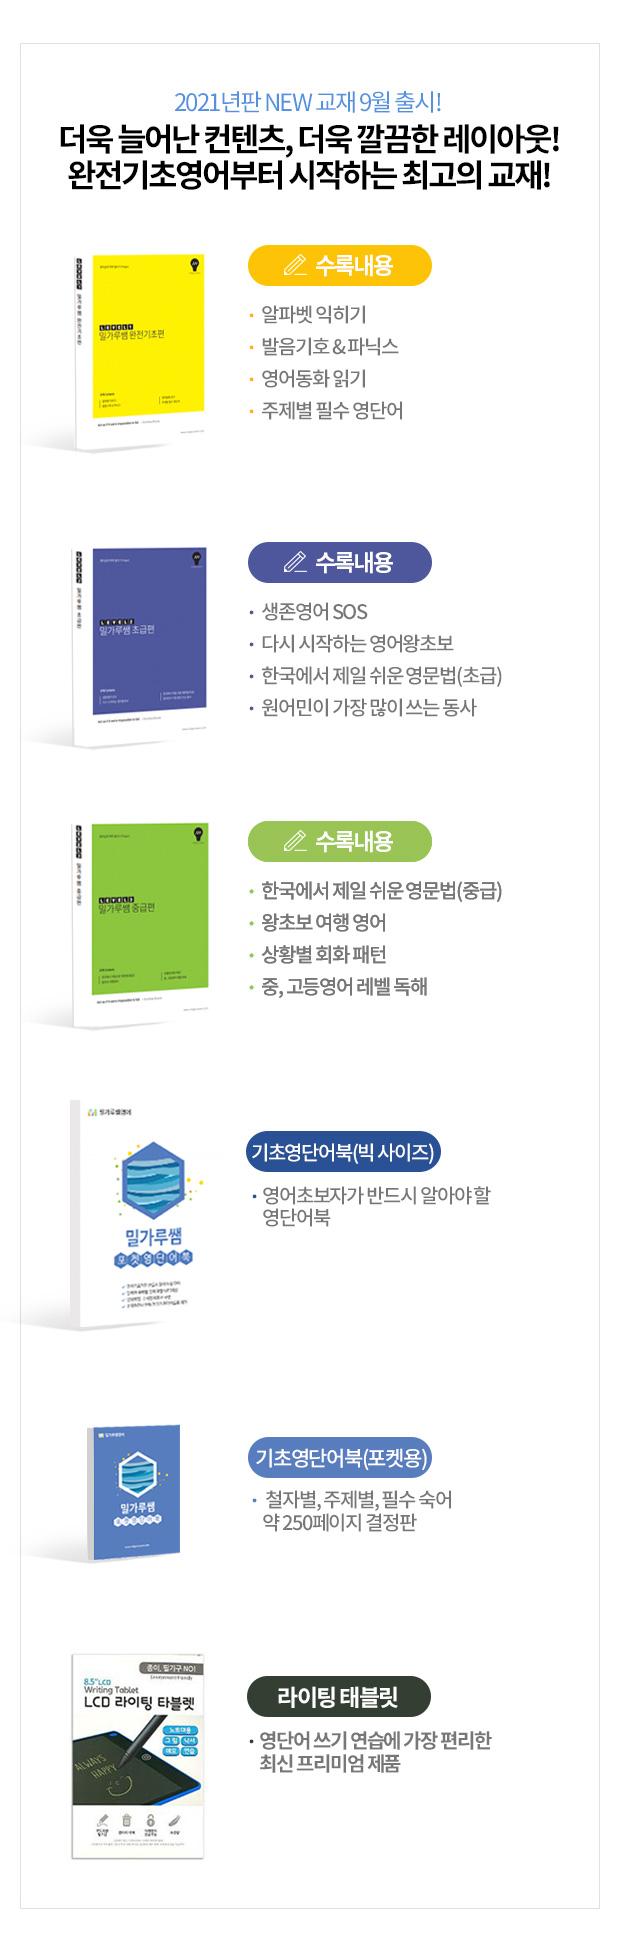 밀가루쌤영어의 수강교재 5권, 완전기초영어, 초급영어, 중급영어, 영어단어북, 라이팅태블릿까지 지금 바로 수강혜택을 받아보세요.